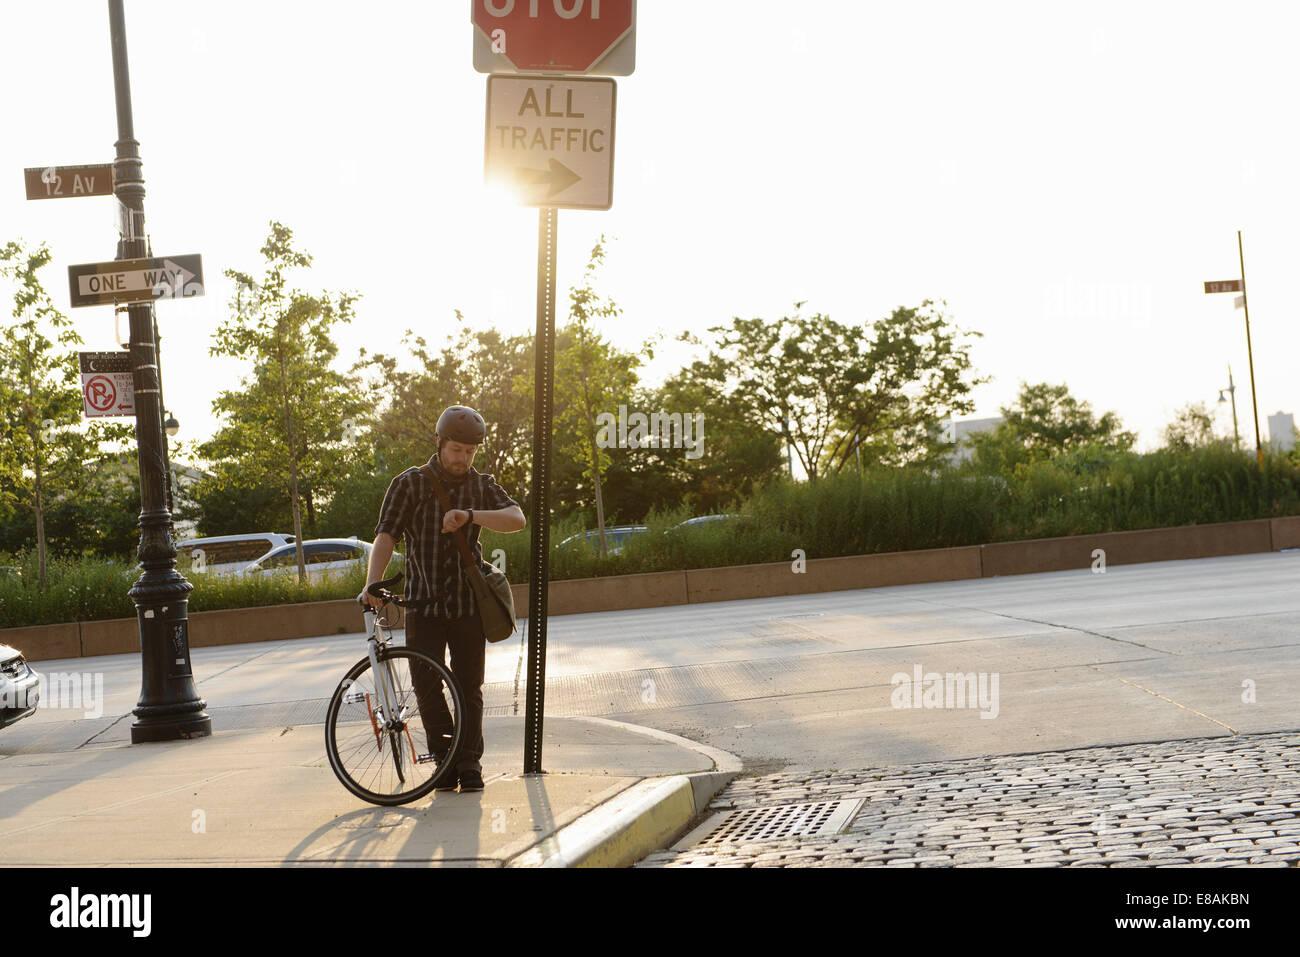 Männlichen Zyklus Messenger Überprüfung Zeit am Straßenrand Stockbild